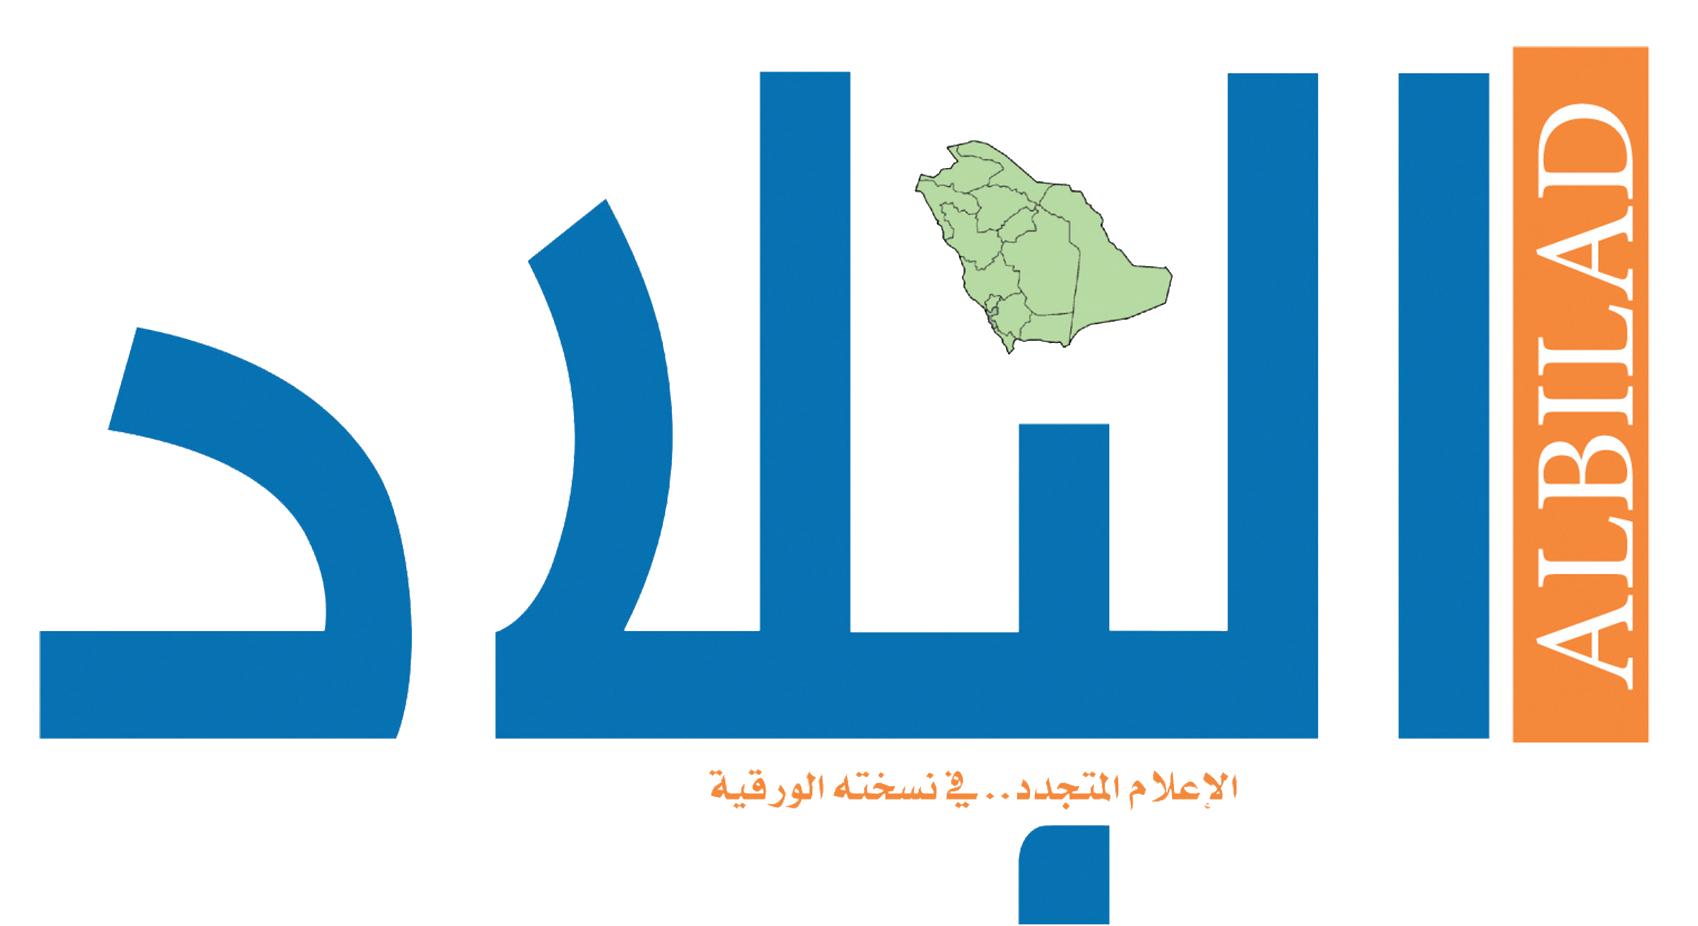 مؤسسة البلاد